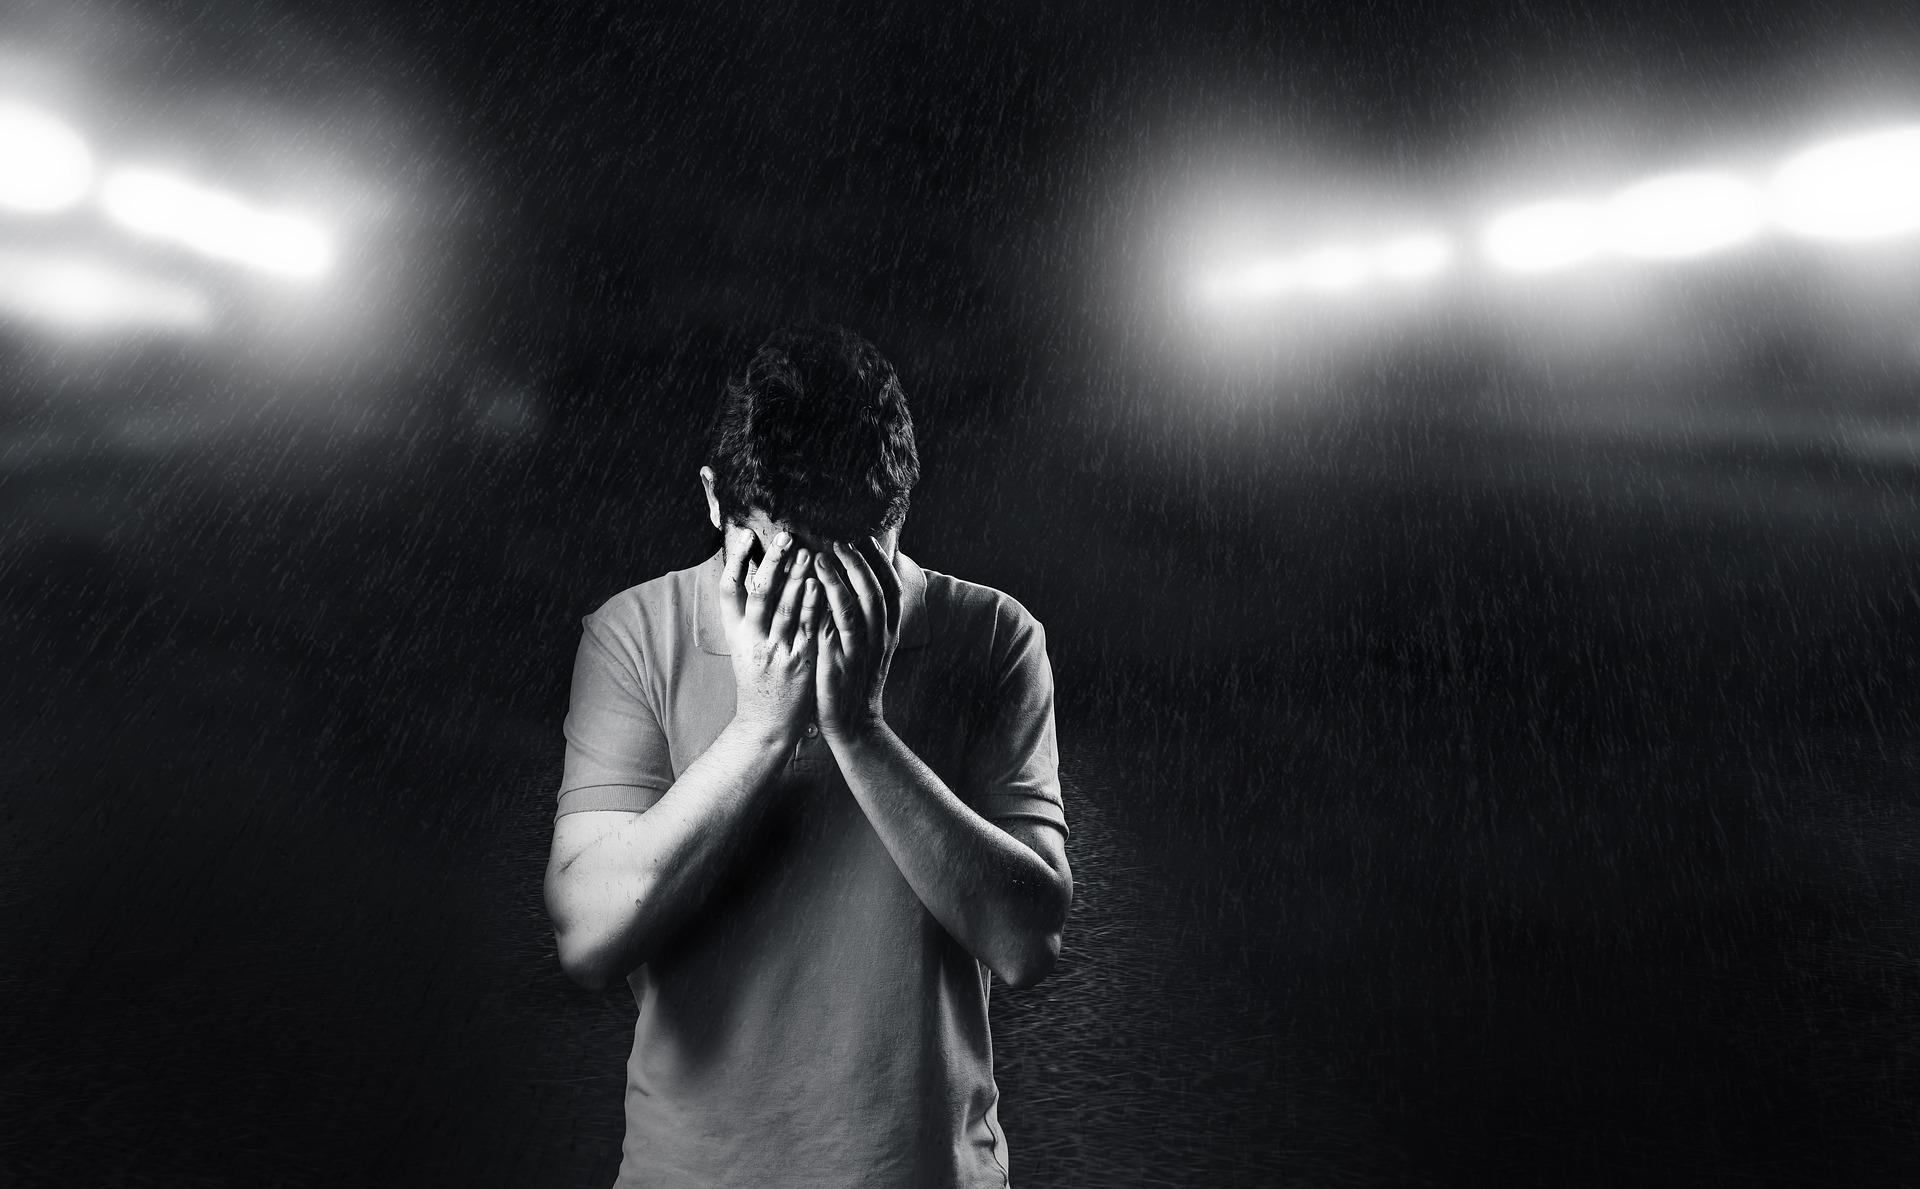 homme pleure noir et blanc triste